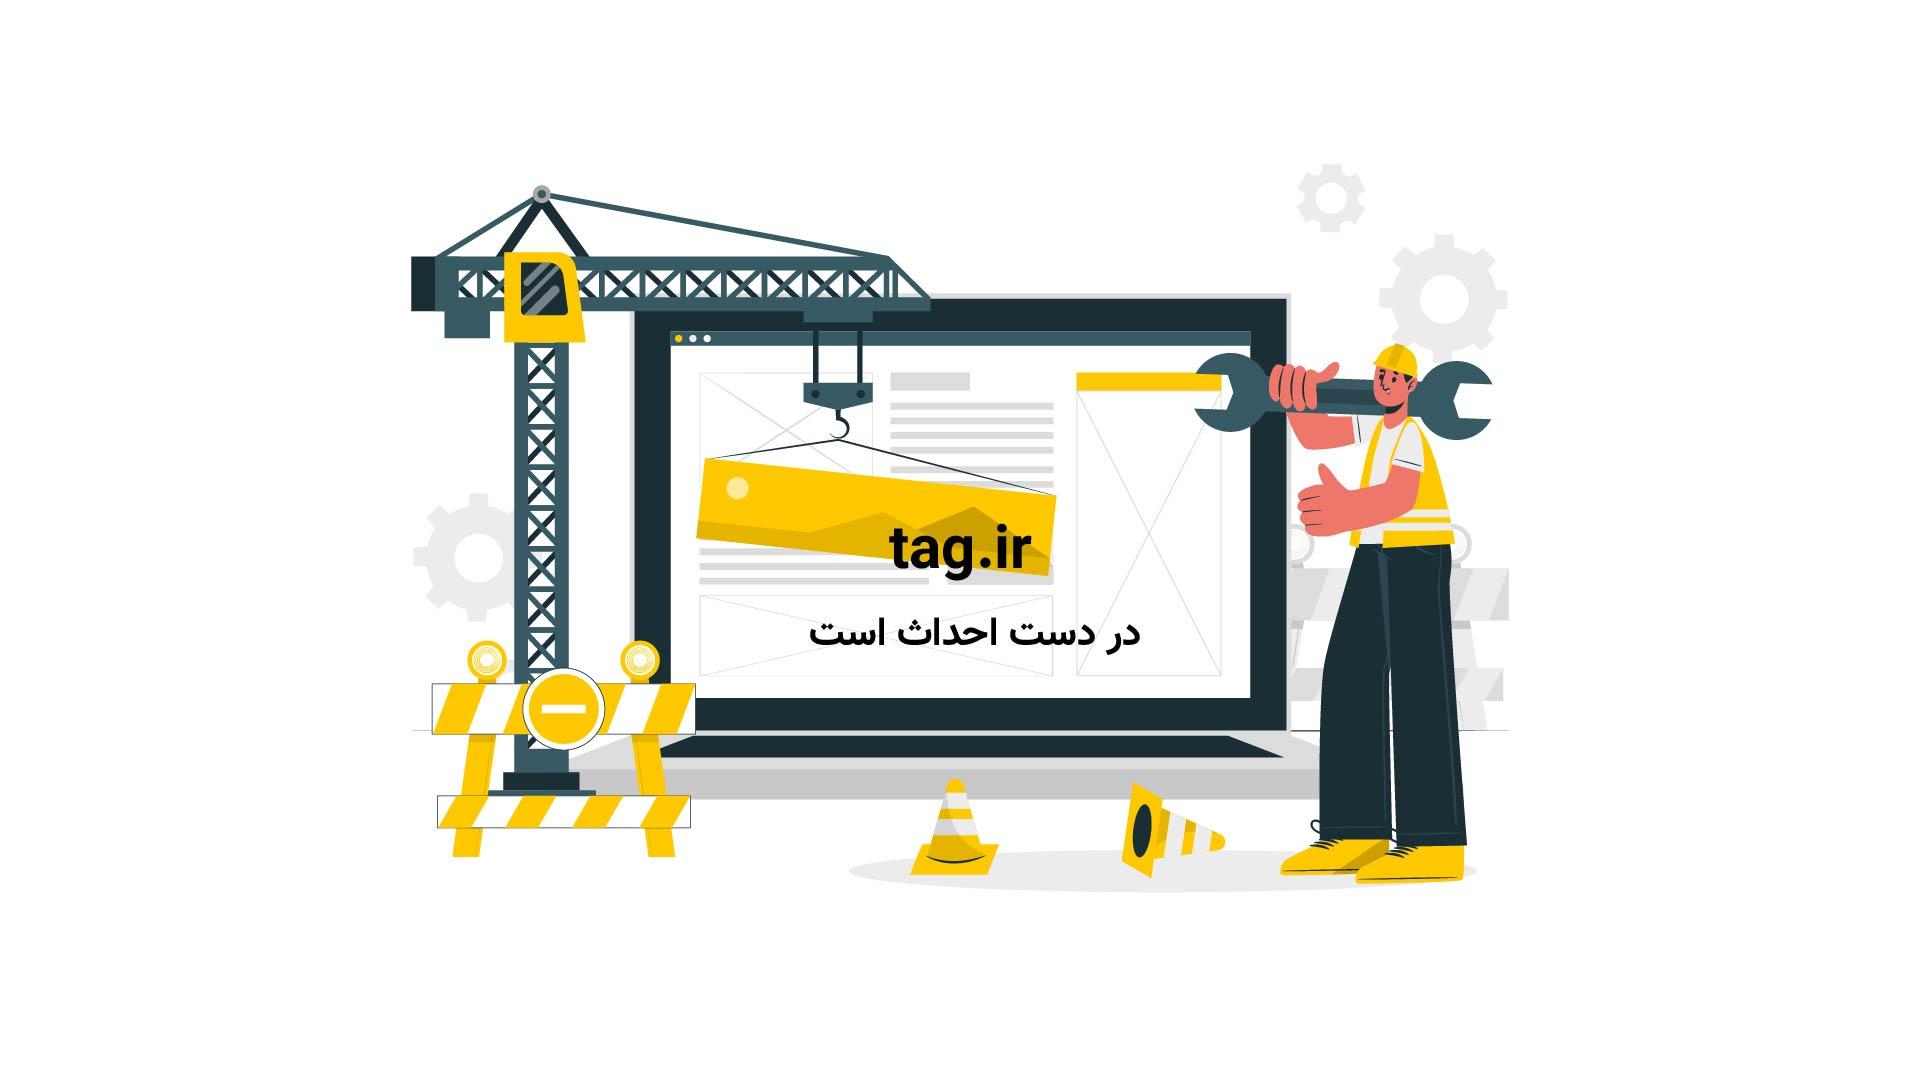 پرنده دایناسور | تگ